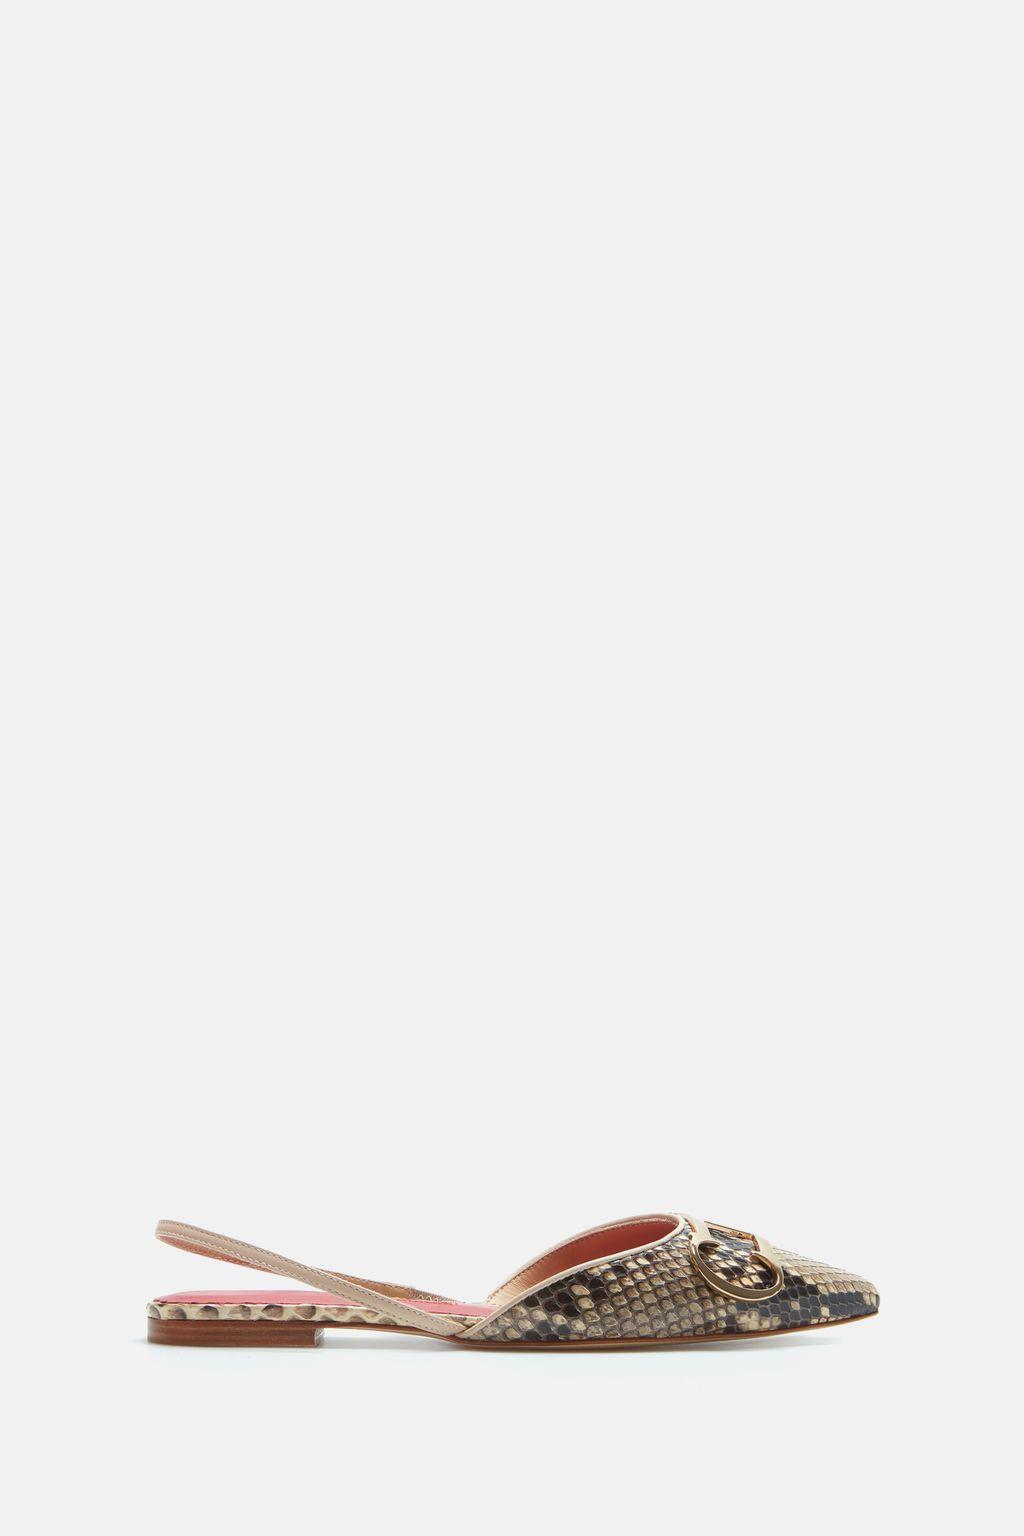 Initials Insignia python slingback flats